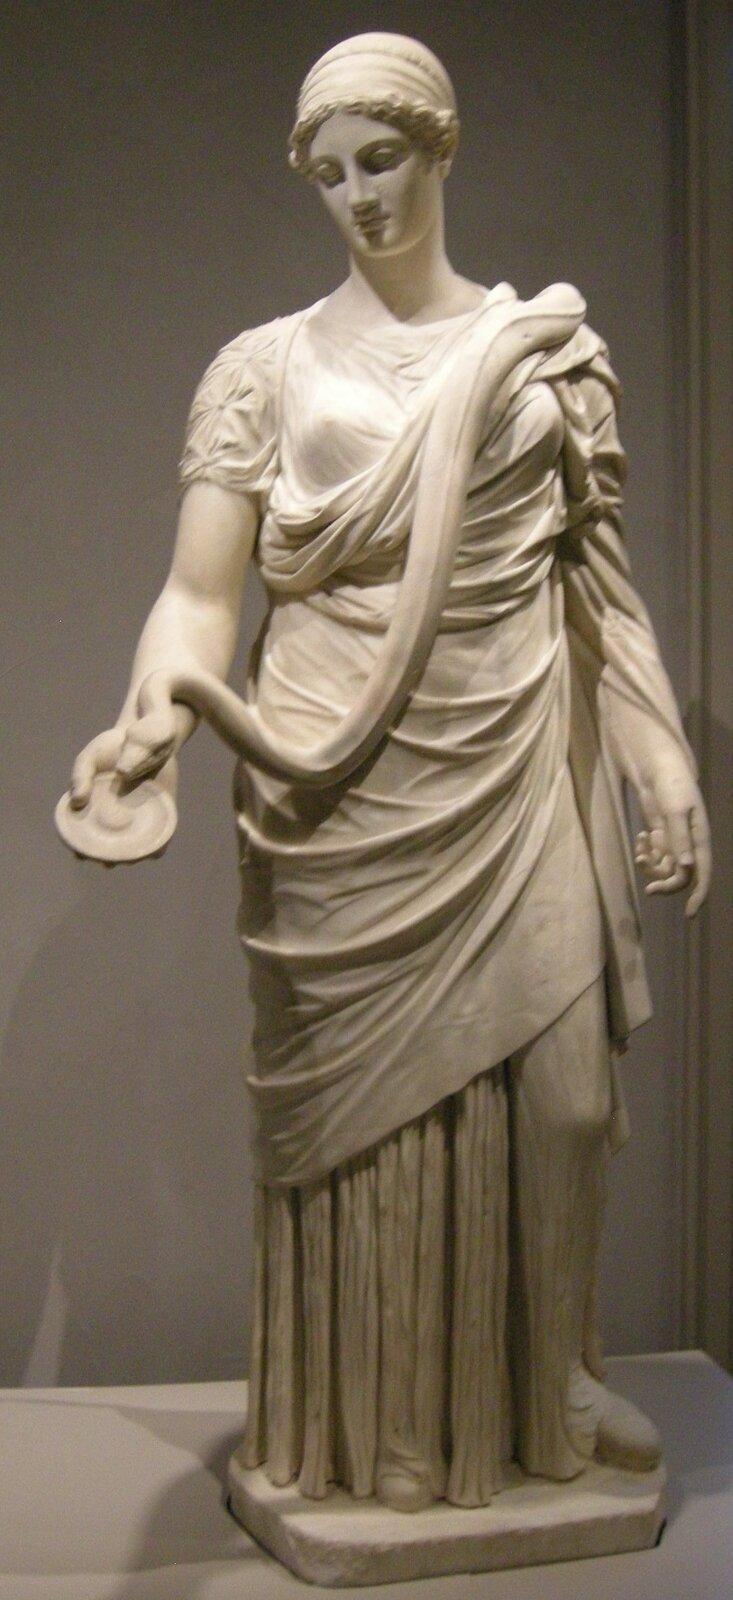 Ilustracja przedstawia posąg – wyobrażenie Hygei, bogini zdrowia. Kobieta stoi wyprostowana, zgłową przechyloną wlewą stronę. Prawą rękę ma wyciągniętą, trzyma wniej czarkę. Po jej ramionach pełznie wąż, wkierunku czarki. Wąż symbolizuje odradzanie się, odnowę idługowieczność. Hygea była wzorem zdrowego życia wzgodzie zrozumem.